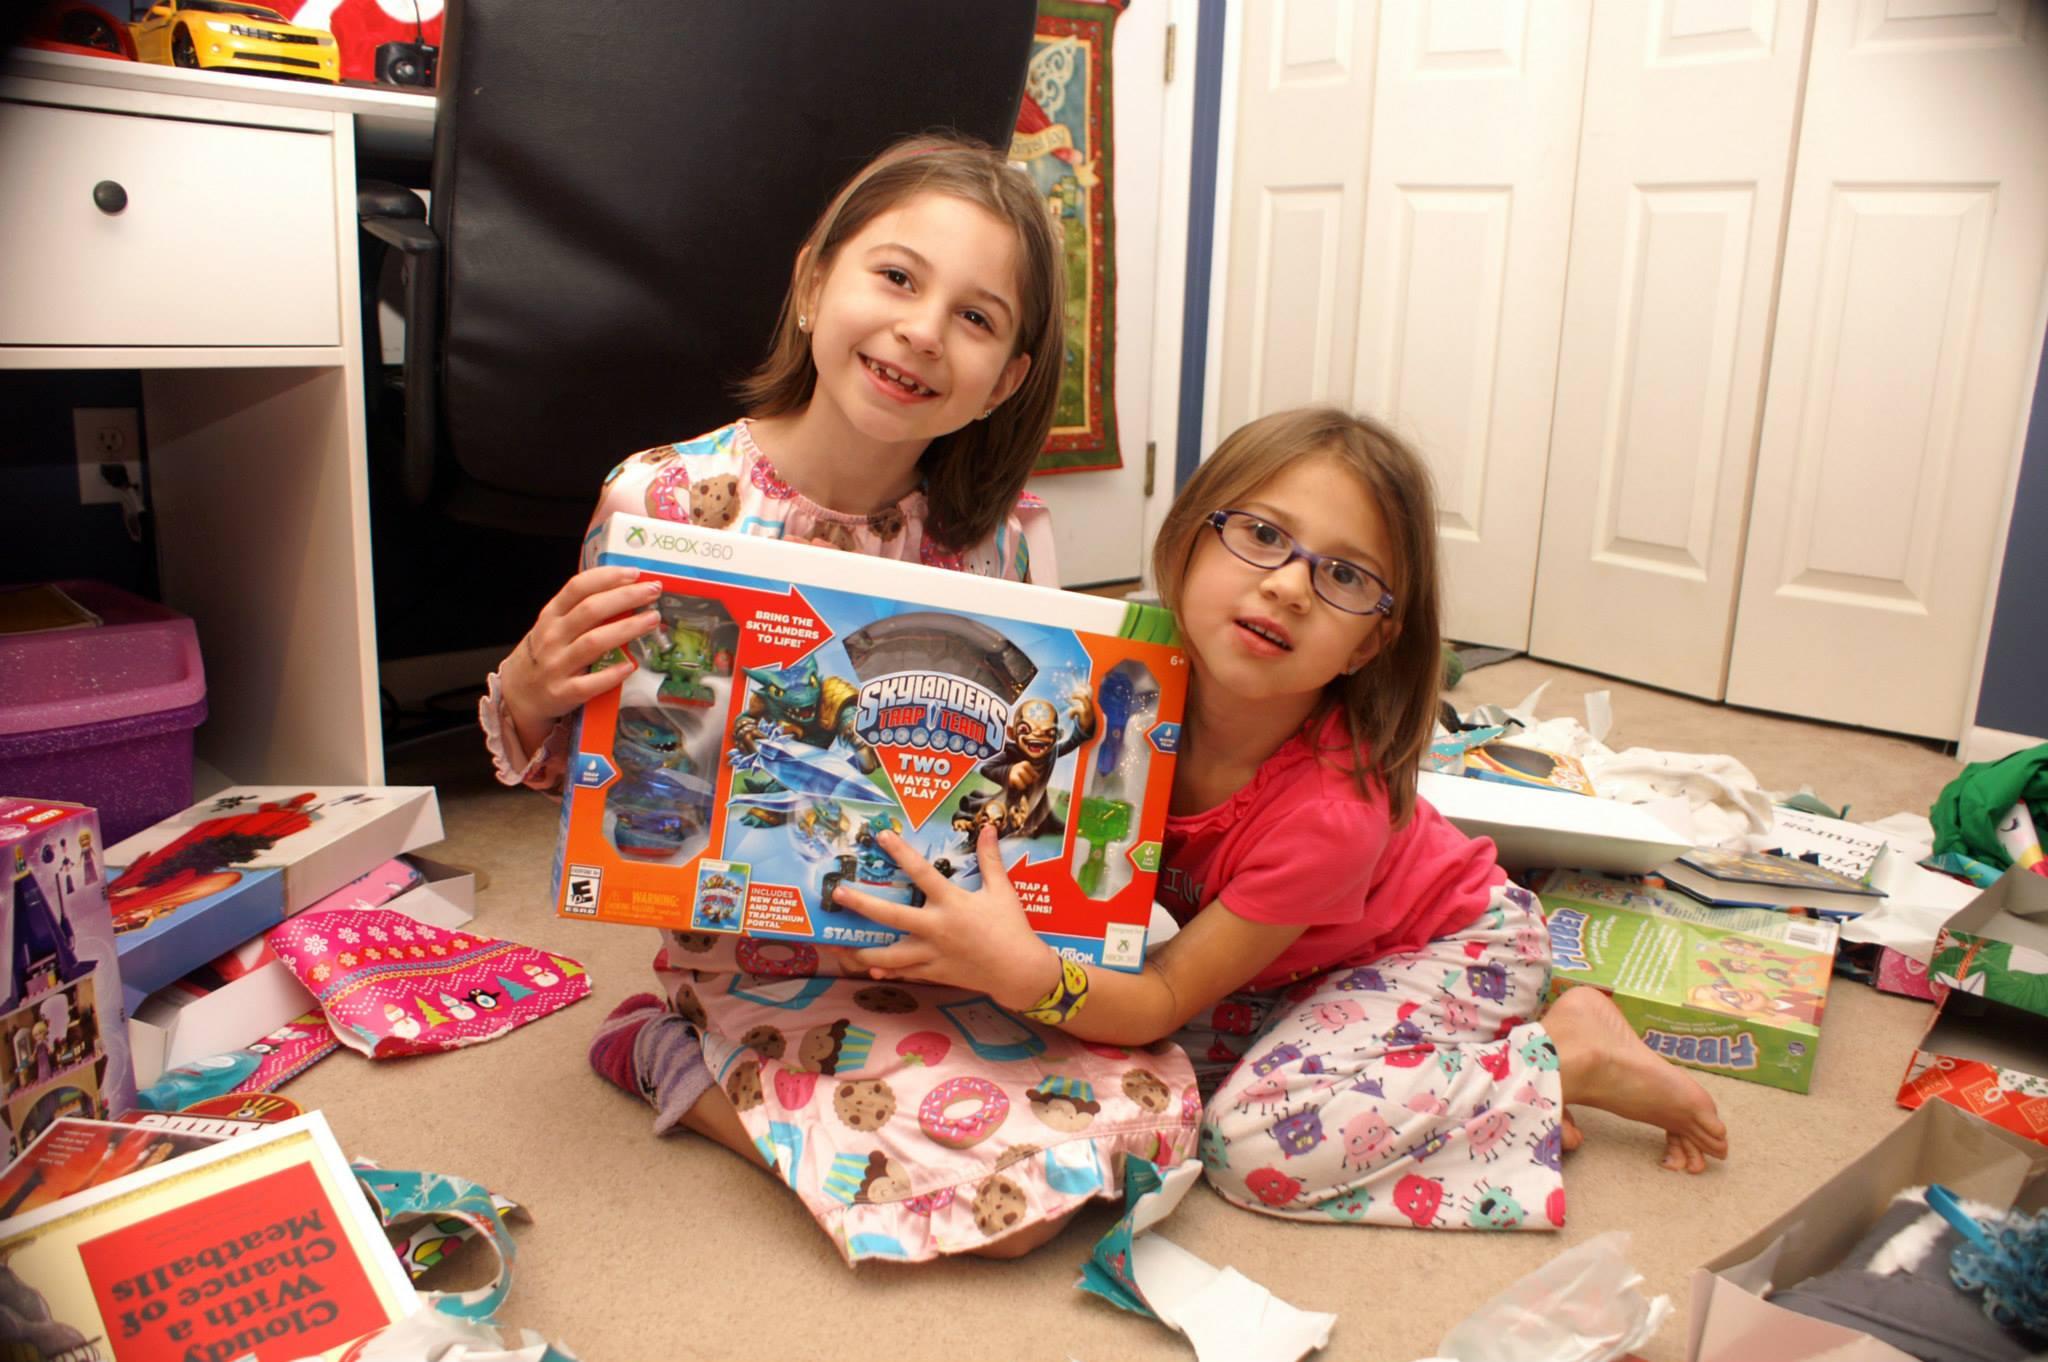 Avoid Christmas present clutter